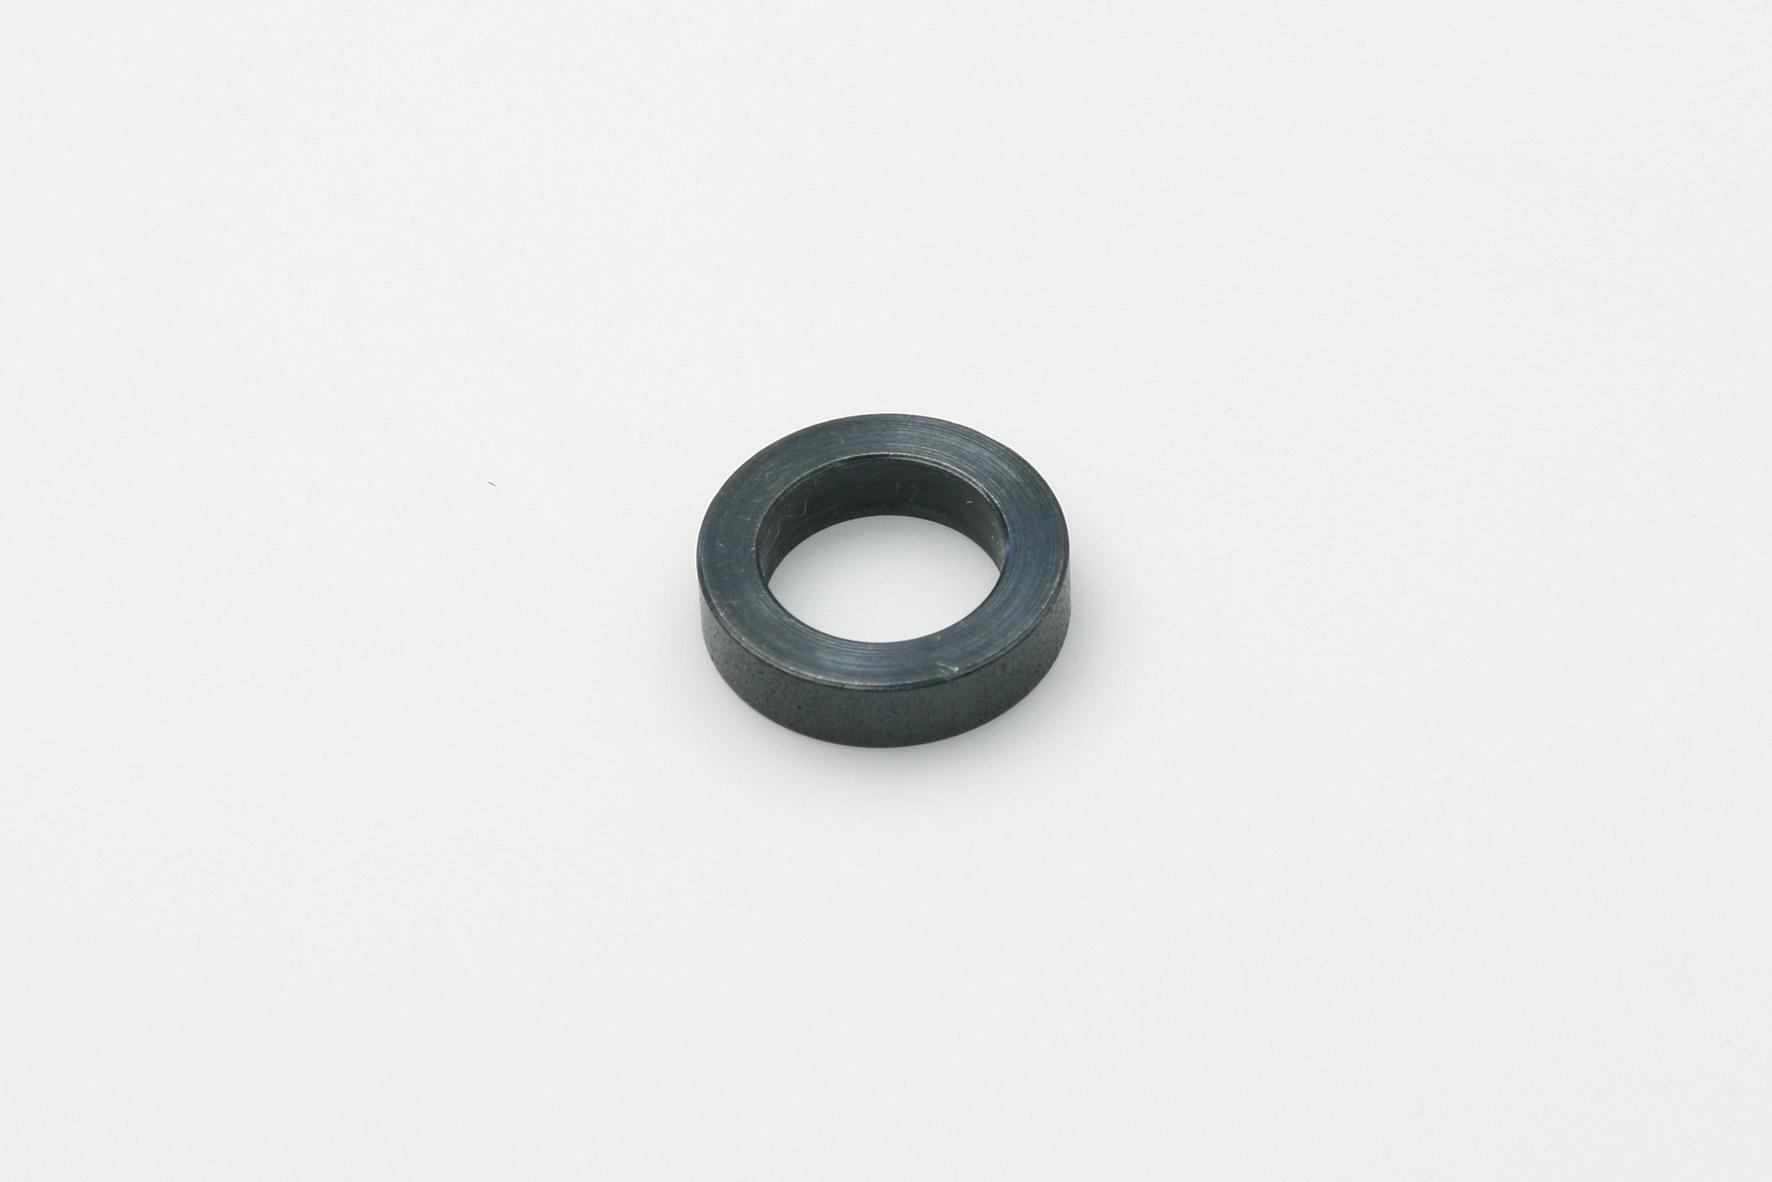 MULTIVAR variator ADAPTOR 5 mm